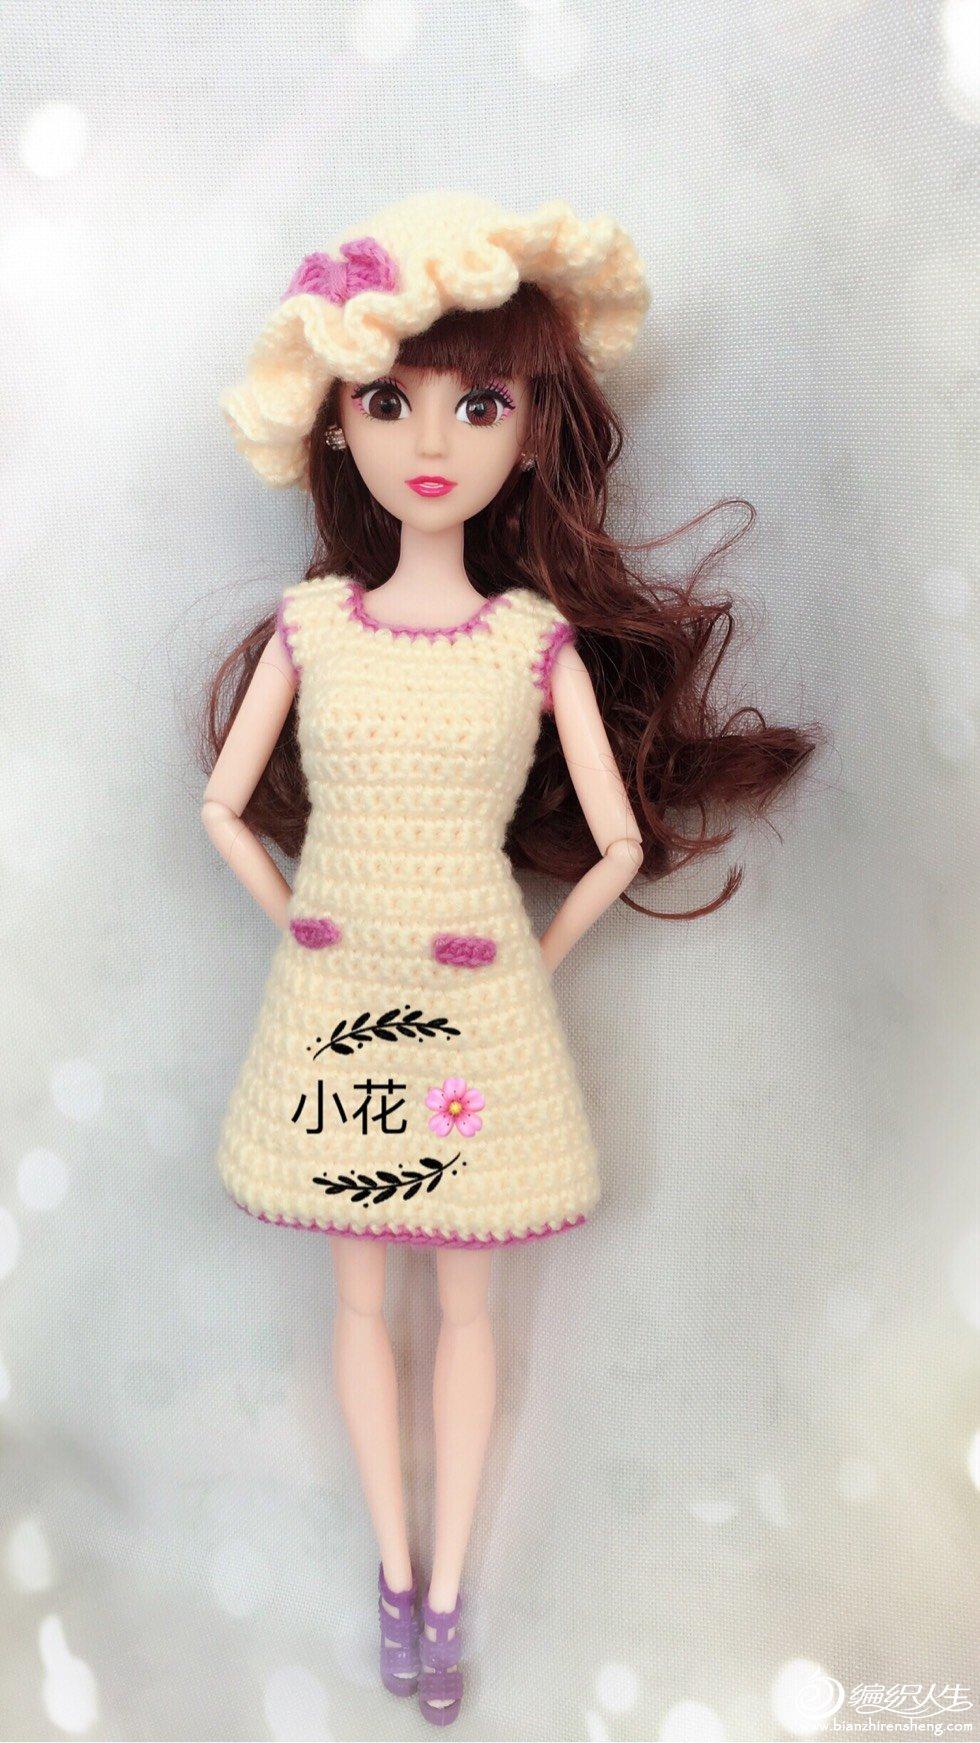 手工制作芭比娃娃衣服